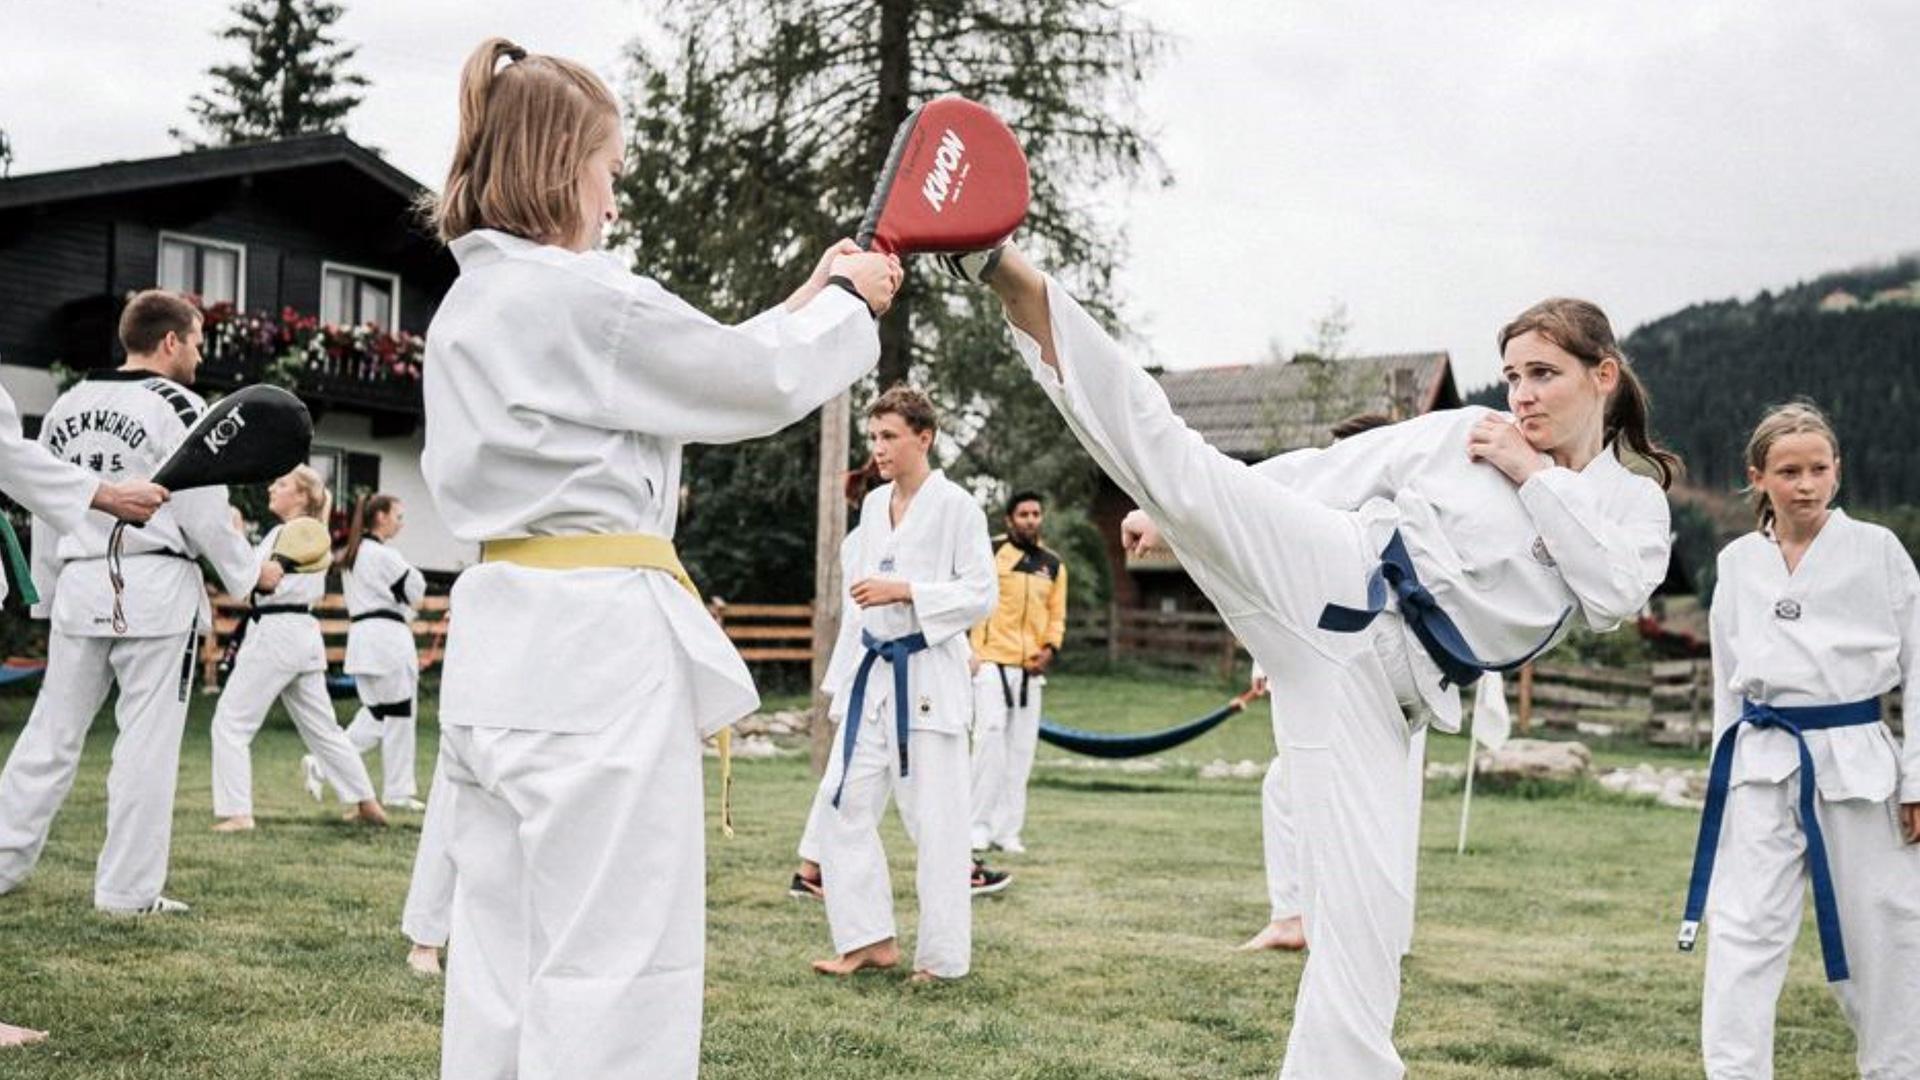 Ab 1 Juli Kontaktsportarten wieder erlaubt | Taekwondo Training |